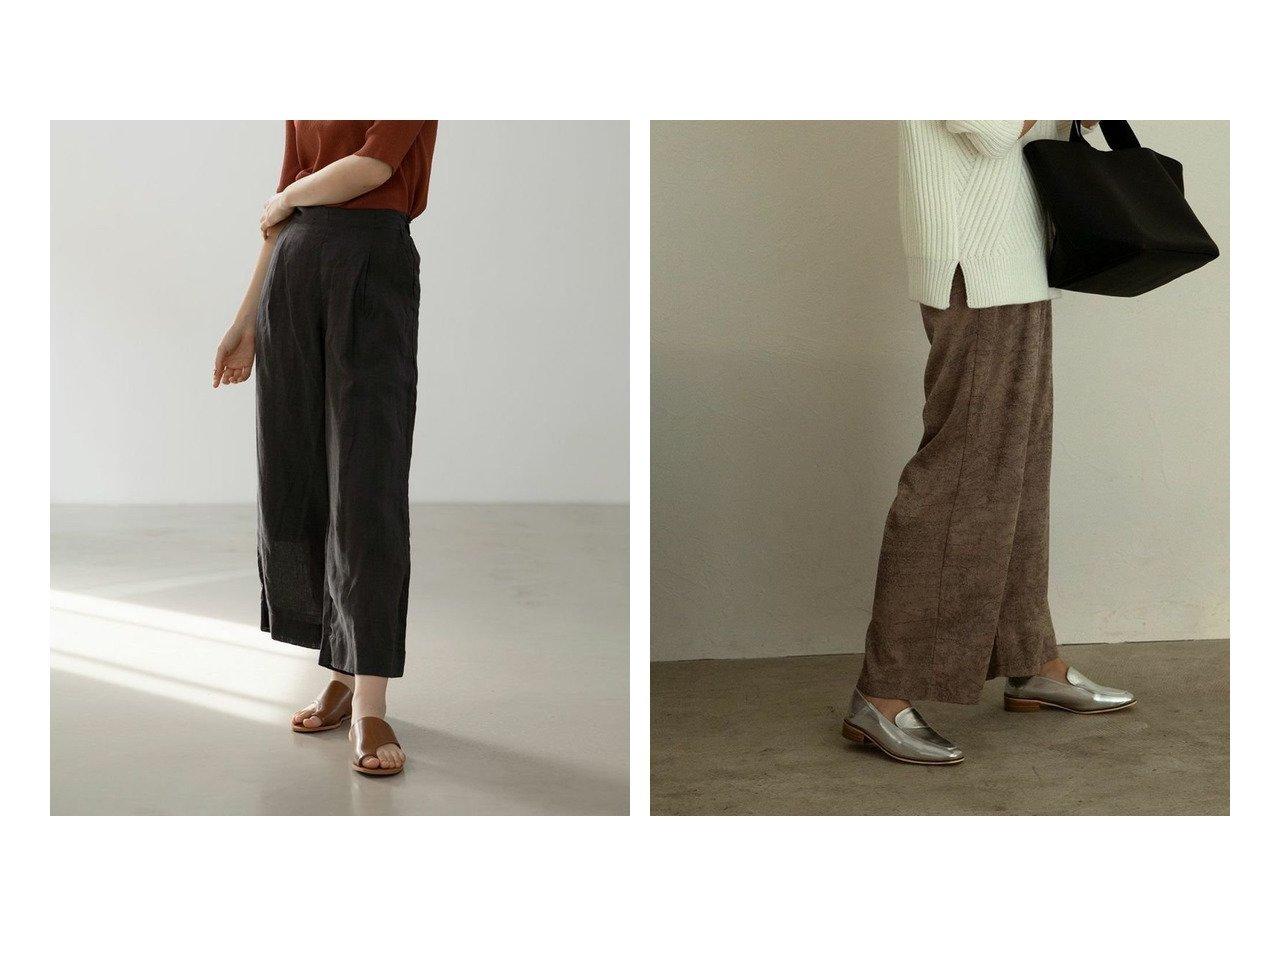 【marjour/マージュール】のmarjourリネンワイドパンツ LINEN WIDE PANTS&フォイルワイドパンツ FOIL WIDE PANTS マージュールのおすすめ!人気、トレンド・レディースファッションの通販 おすすめで人気の流行・トレンド、ファッションの通販商品 メンズファッション・キッズファッション・インテリア・家具・レディースファッション・服の通販 founy(ファニー) https://founy.com/ ファッション Fashion レディースファッション WOMEN パンツ Pants おすすめ Recommend くるぶし ジャケット ストレート スニーカー リネン ワイド 長袖 シンプル プリント モノトーン リラックス 無地 |ID:crp329100000021536